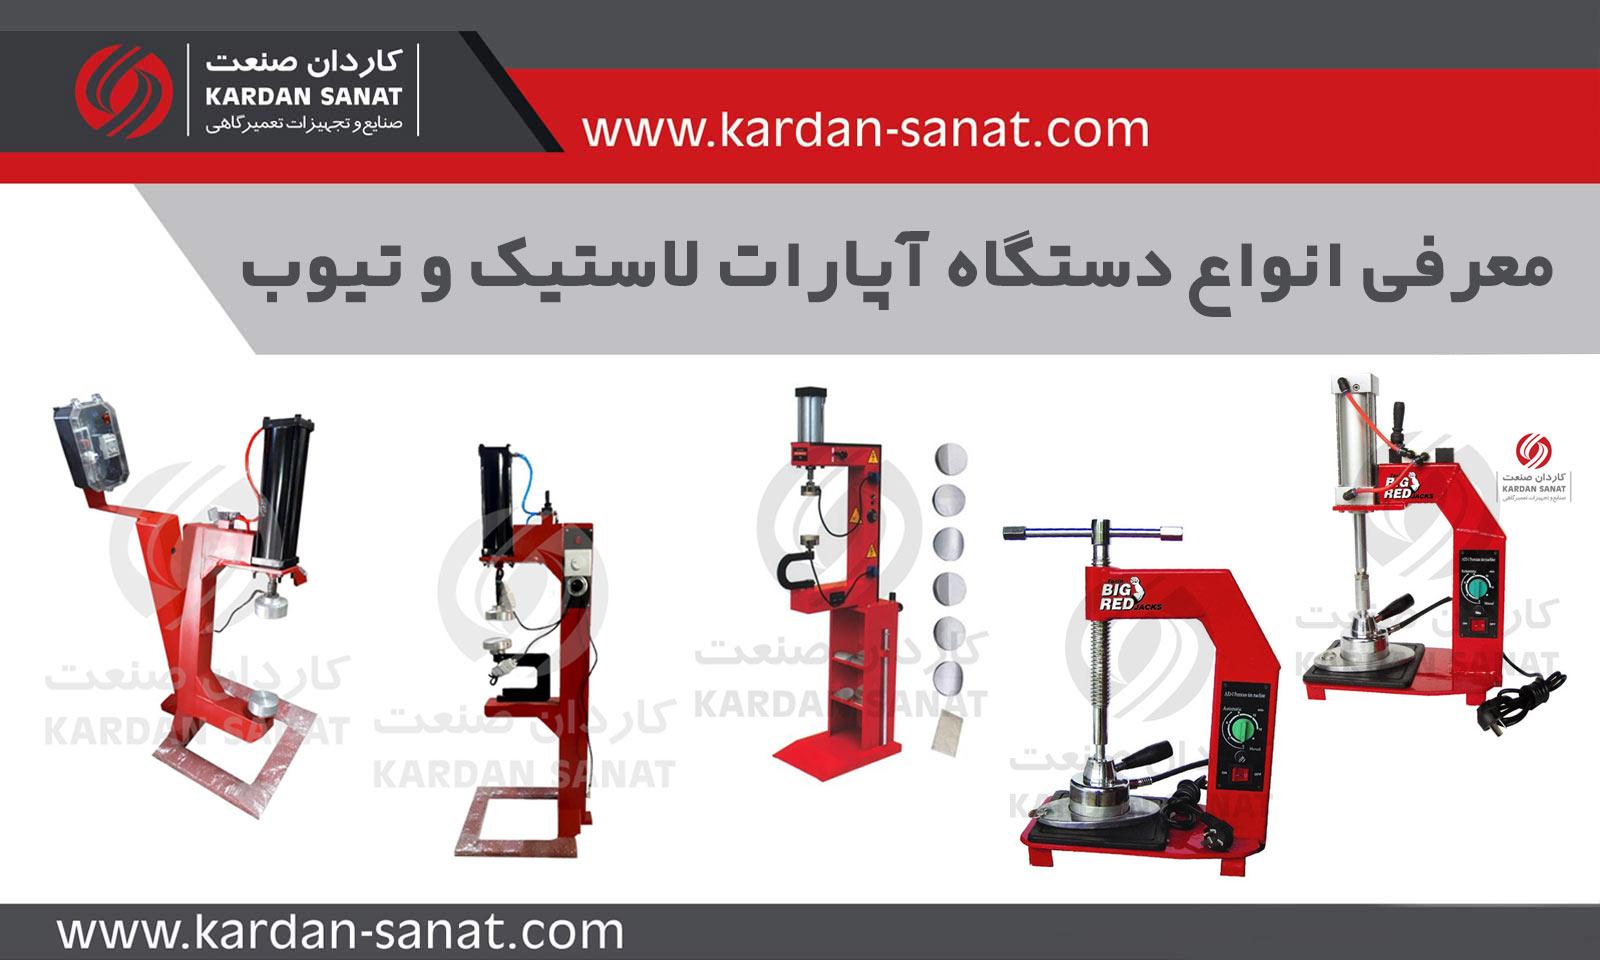 معرفی ، آموزش ، قیمت و فروش انواع دستگاه آپارات لاستیک و تیوب